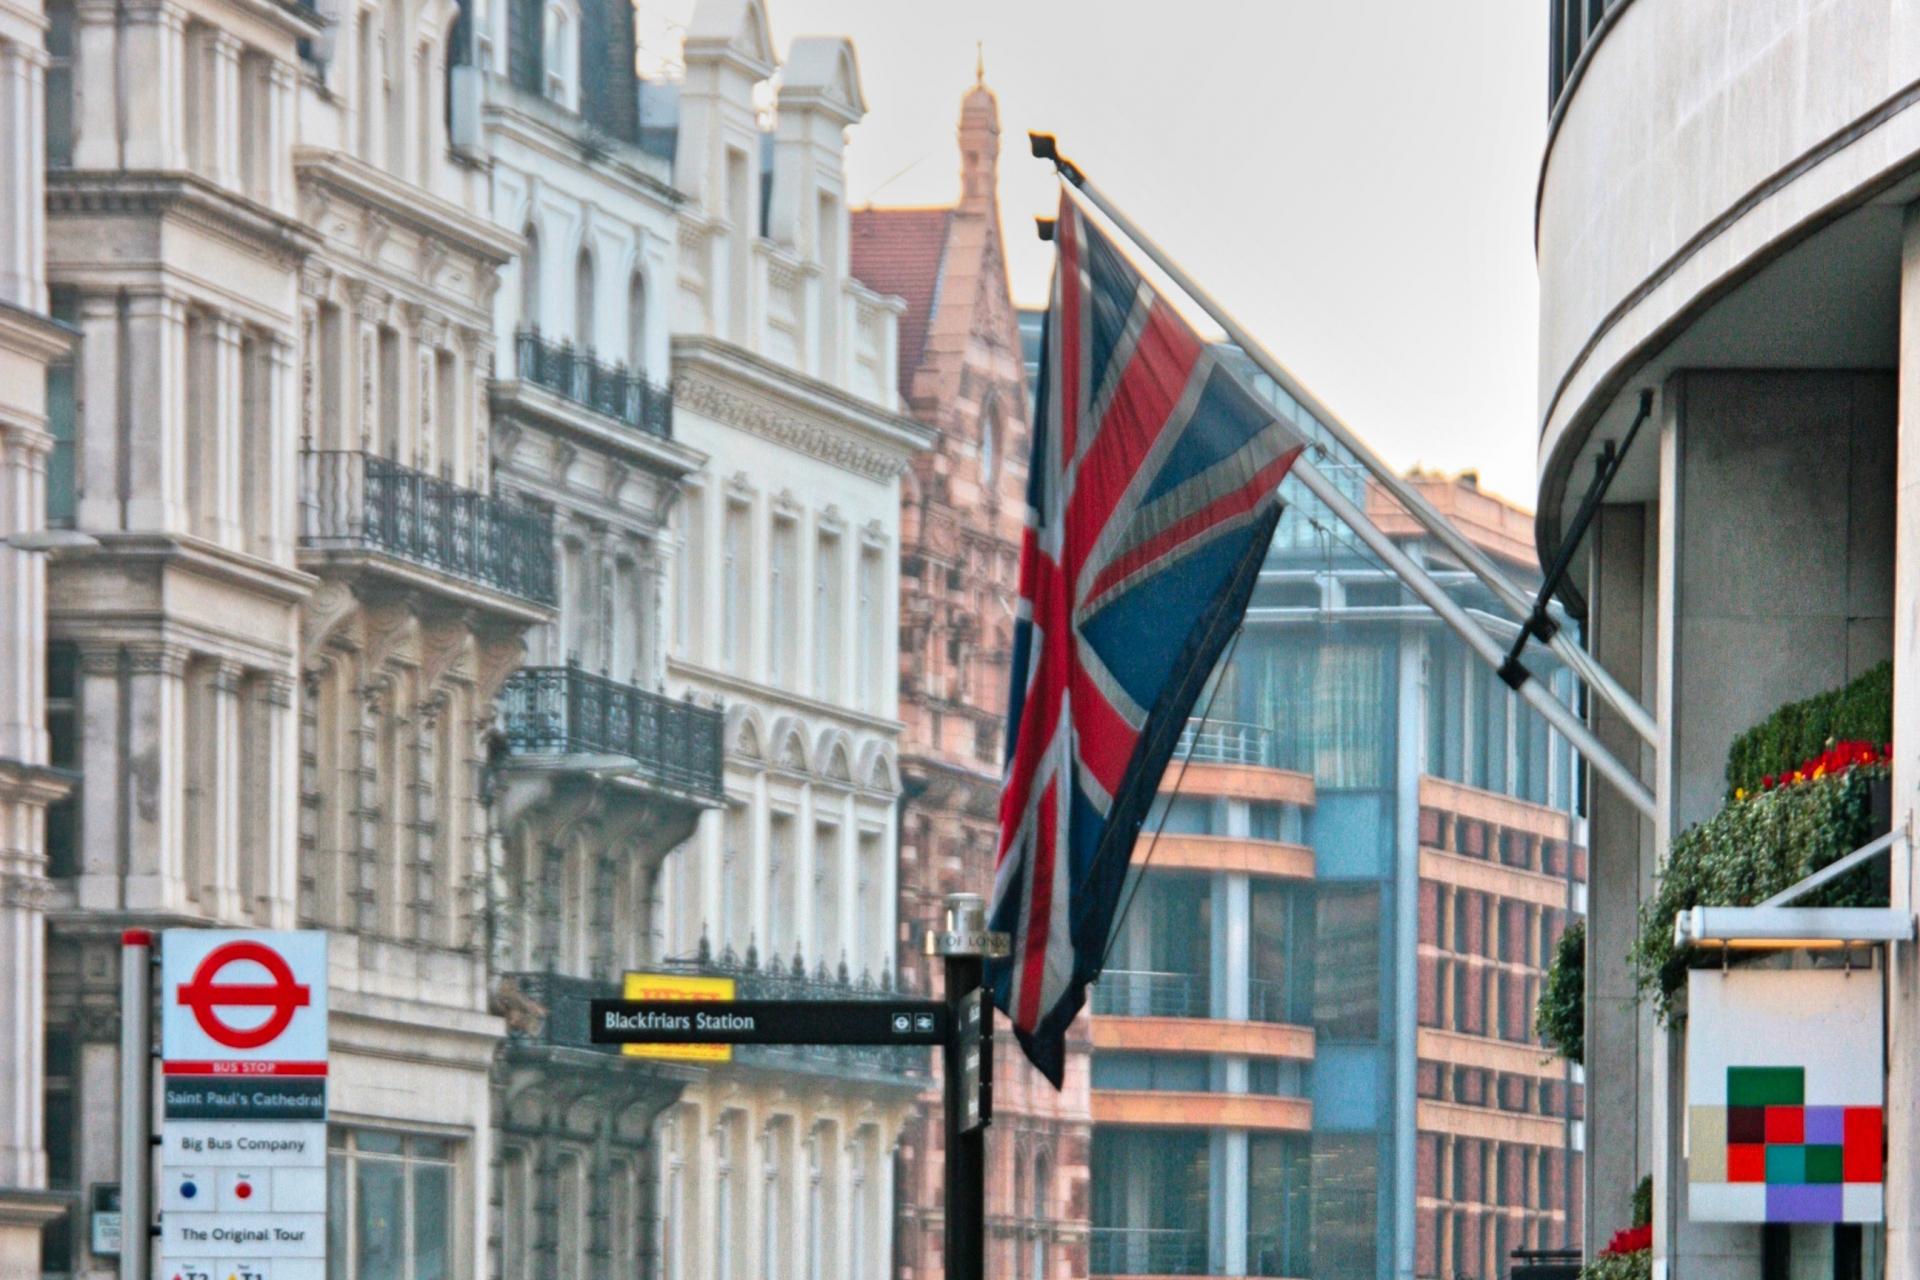 イギリスに留学・ワーホリで行く前に知っておくべきこと【出発準備ガイド】